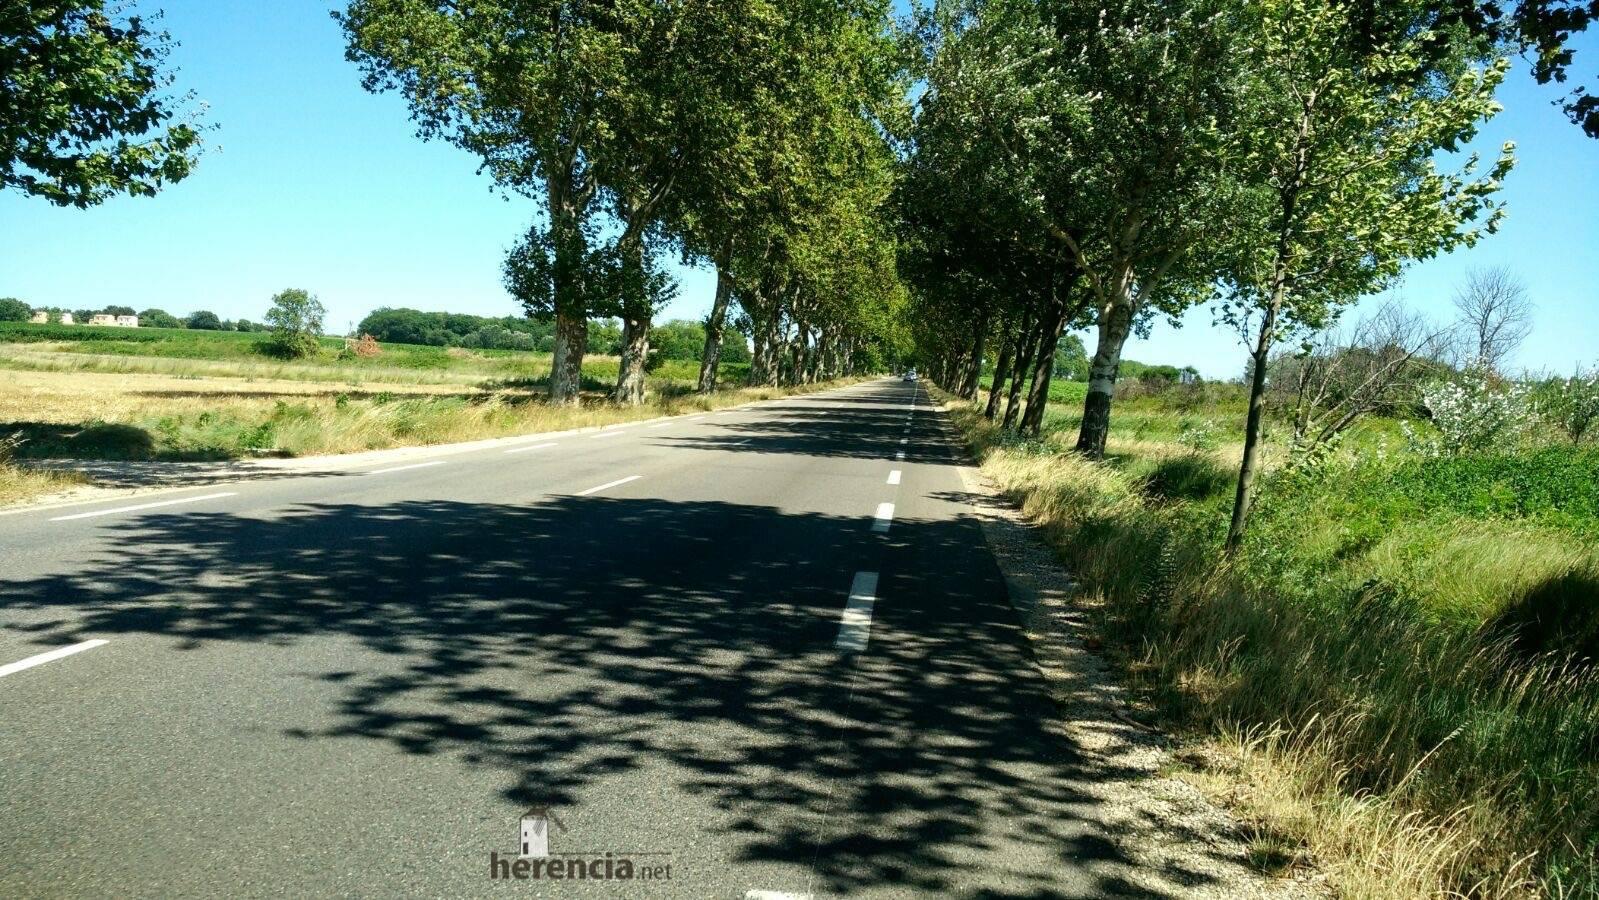 elias escribano - perle en pont du gard - Francia 3